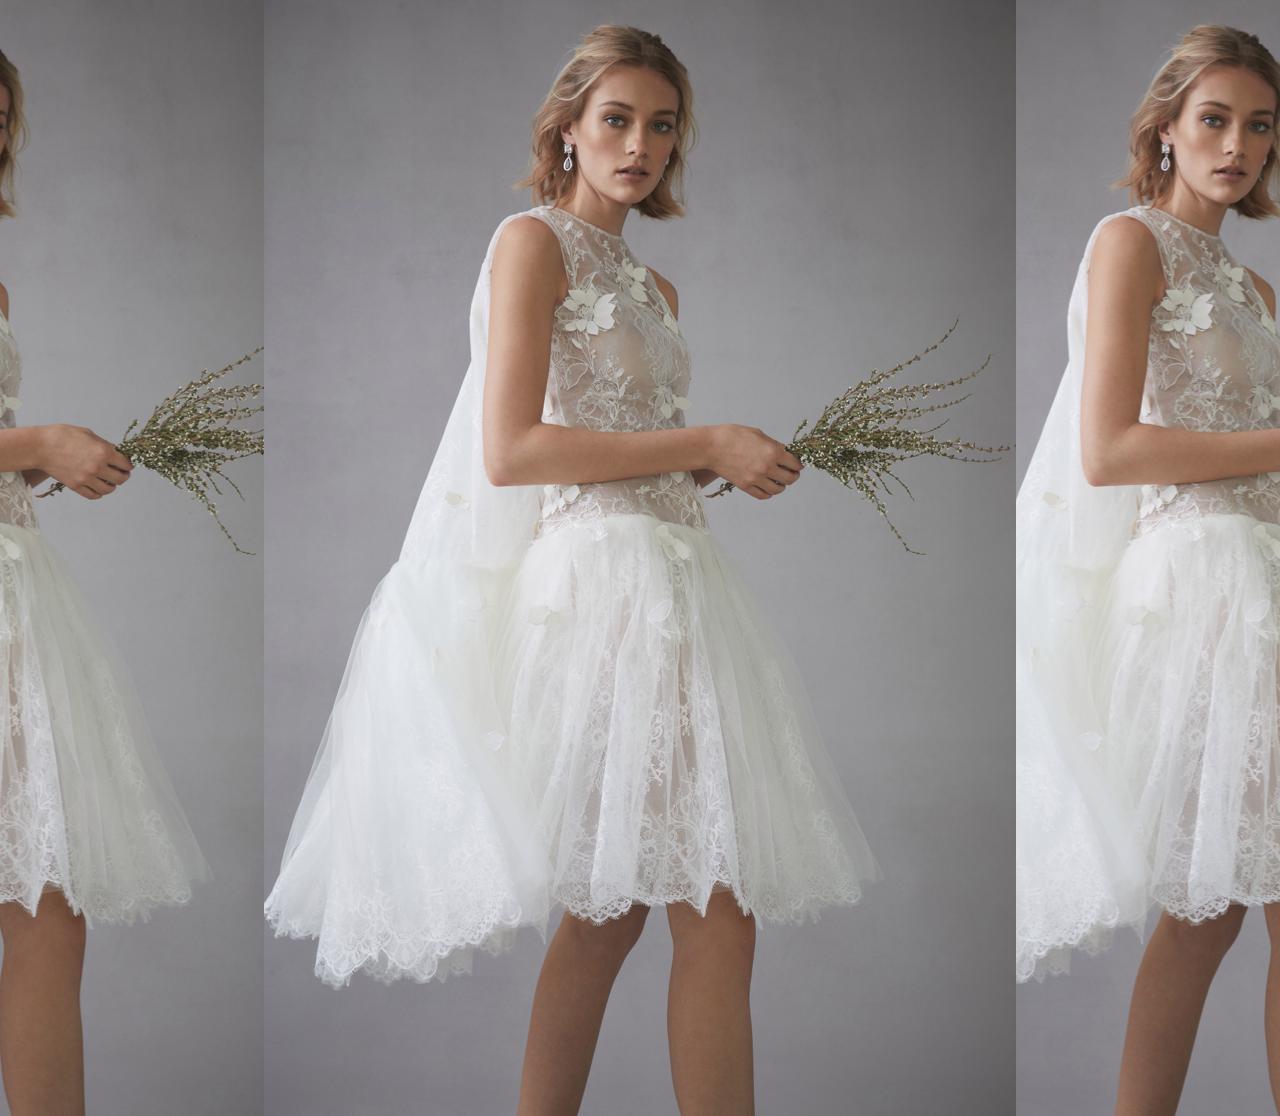 Vestidos de novia Oscar de la Renta 2022: Una fantasía de flores